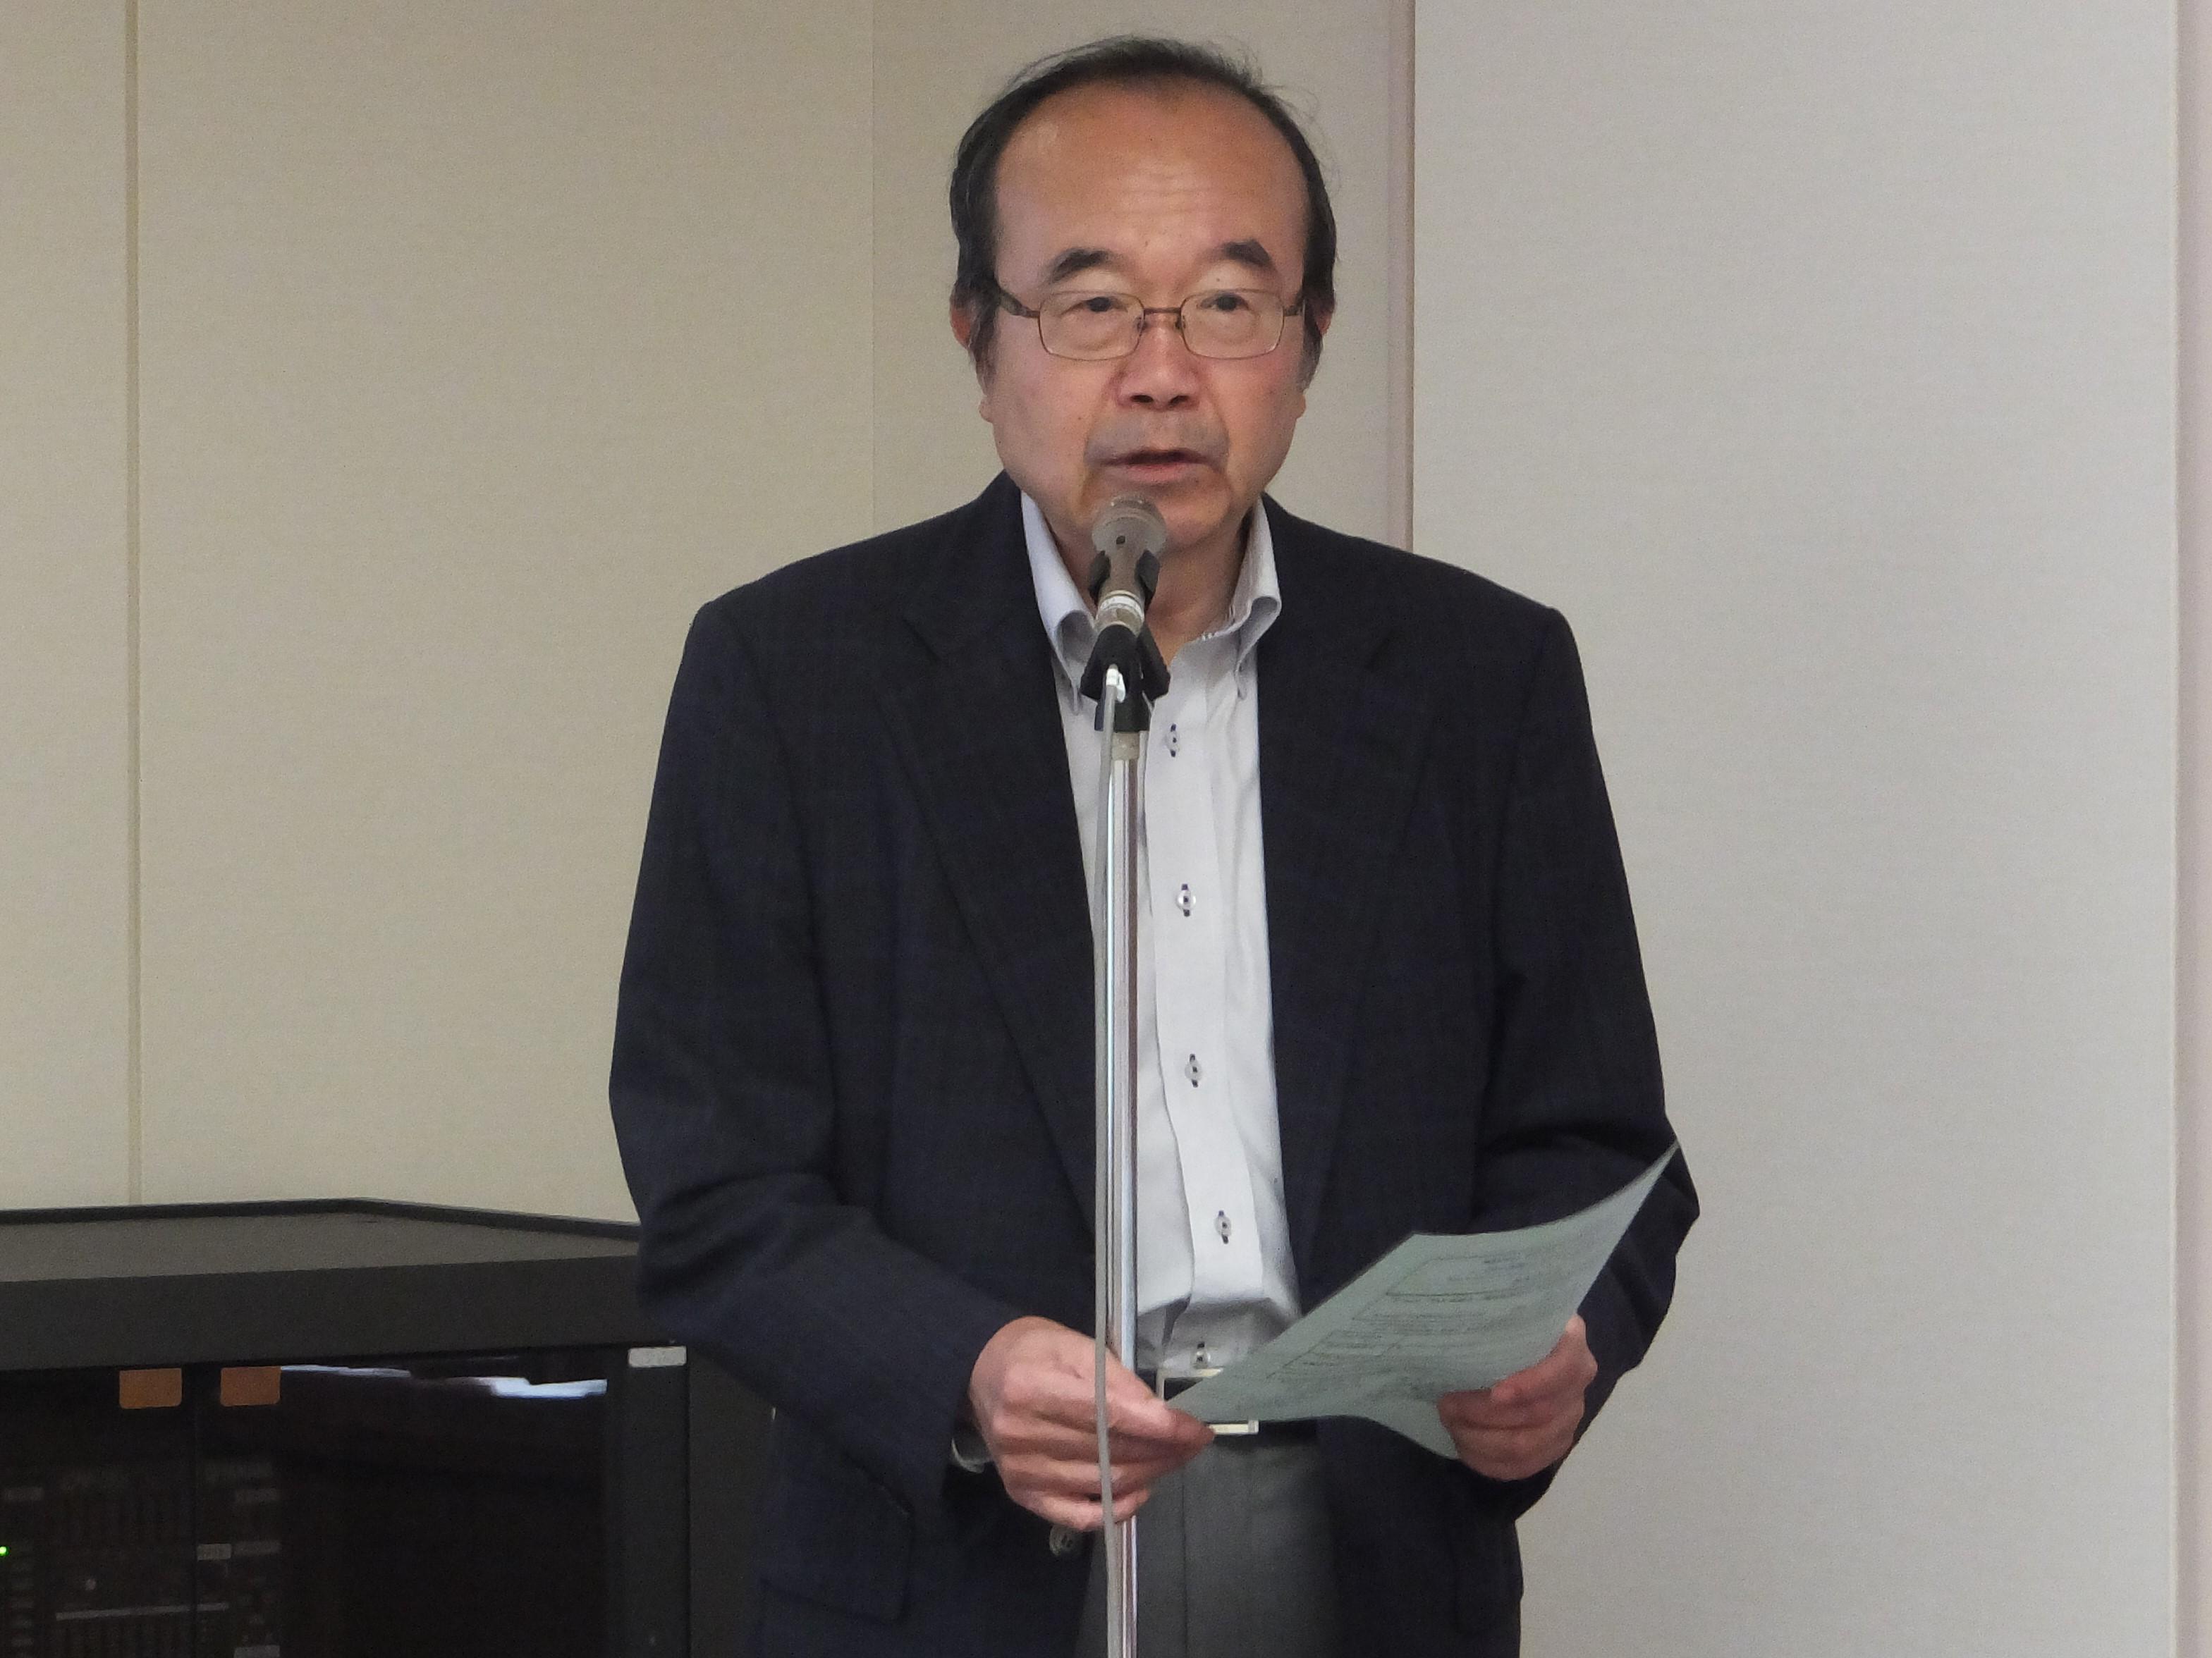 寺田範雄 機械振興協会副会長 兼 経済研究所所長代理 による開催の挨拶